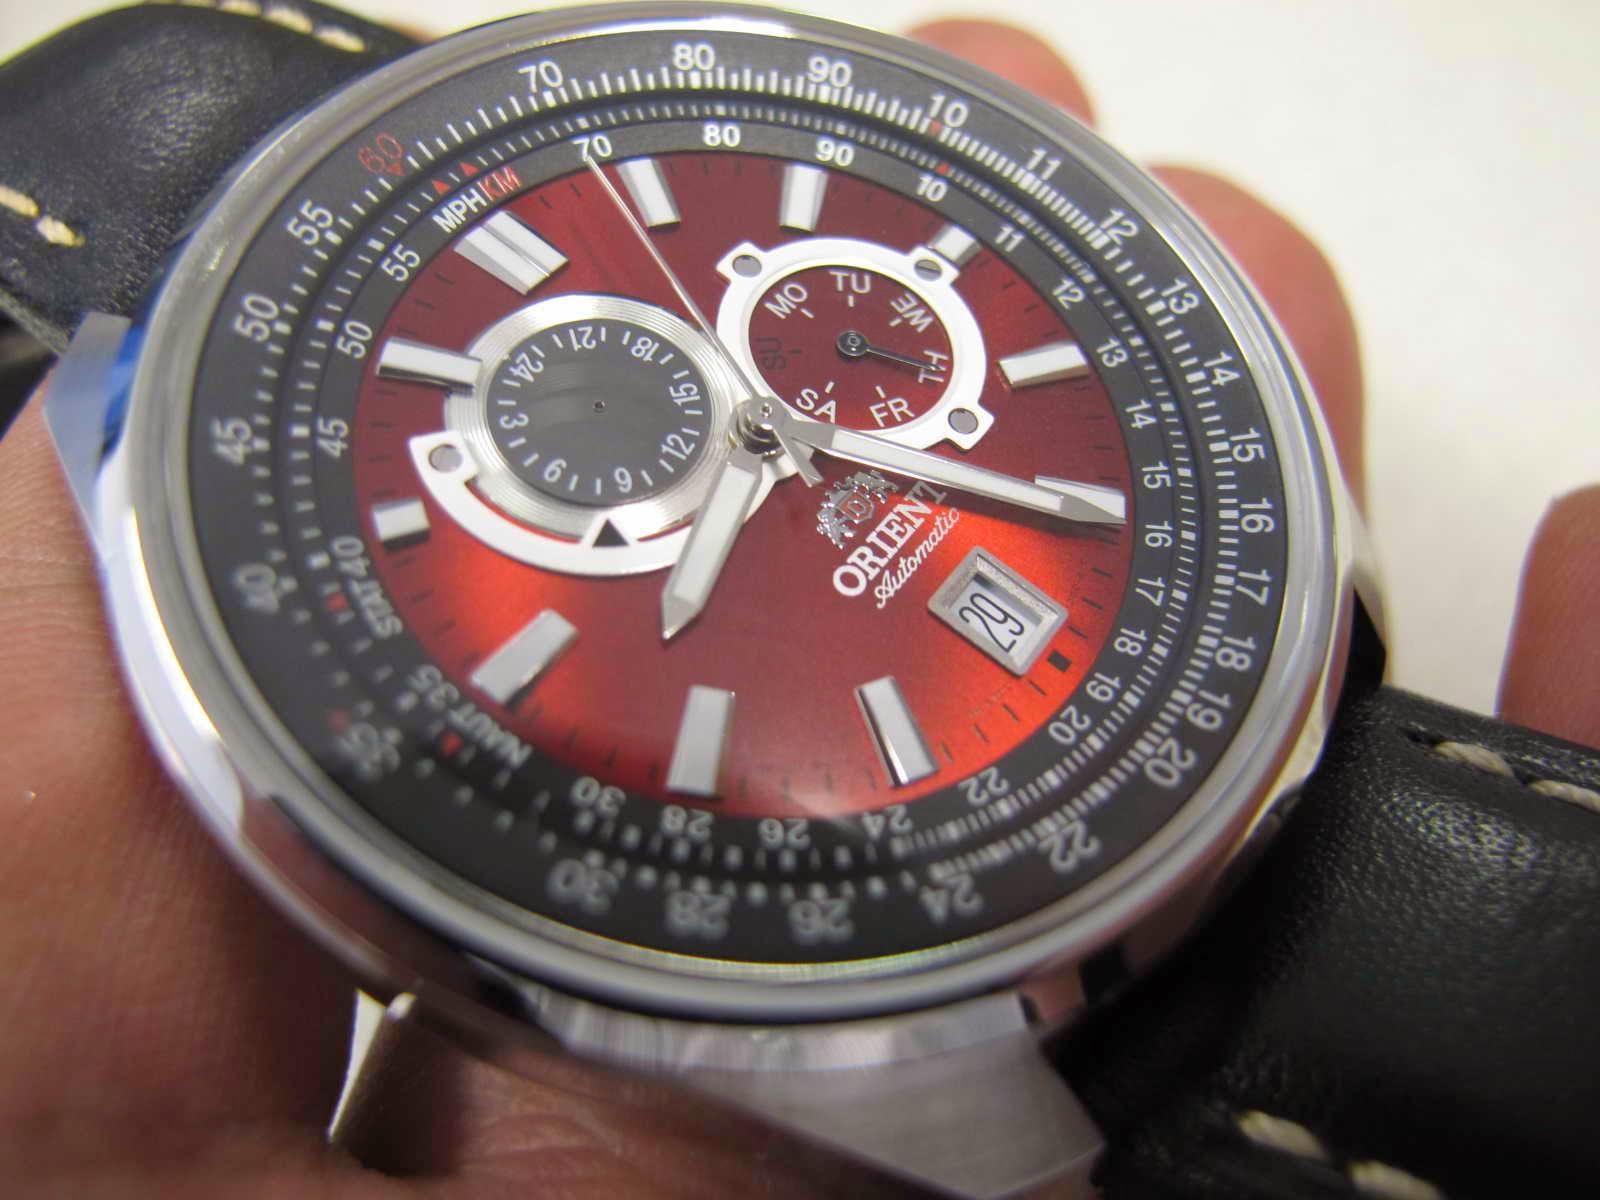 Cocok untuk Anda yang sedang mencari jam tangan Sporty dial merah Orient ini dipasangkan dengan original PAM Panerai Leather strap yang harga strapnya